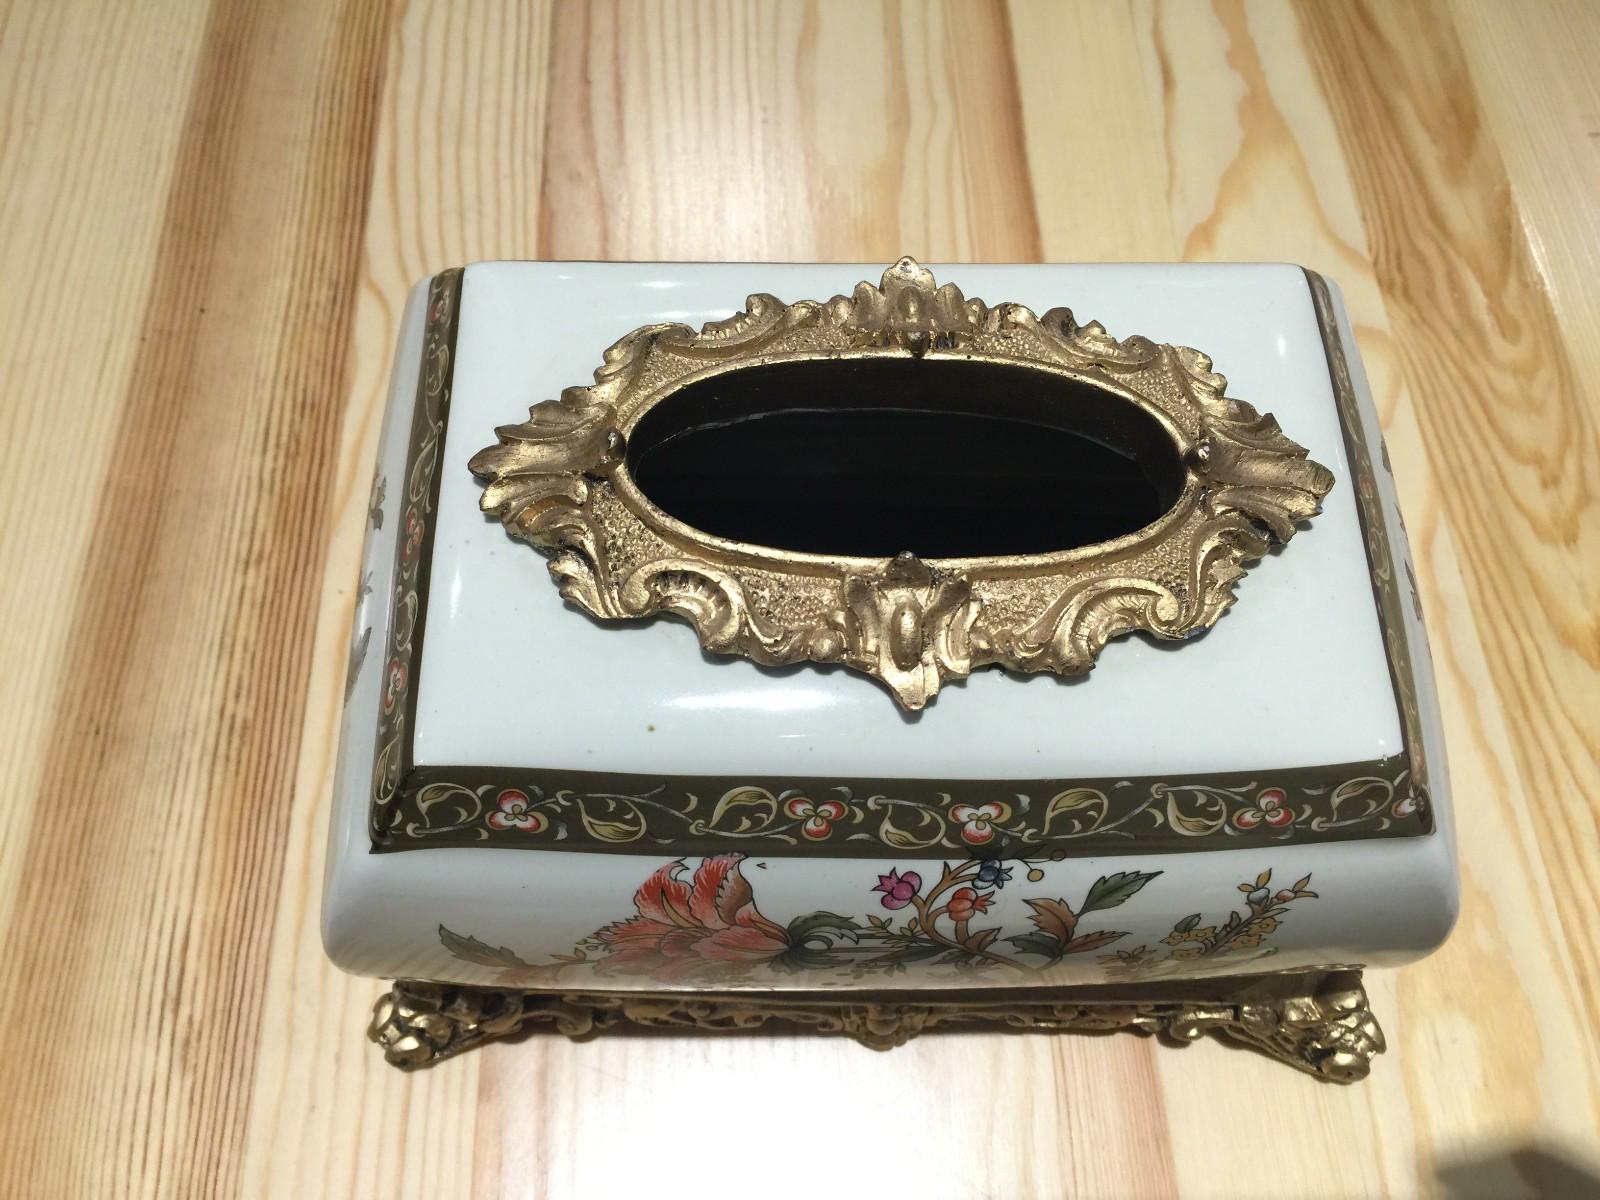 俄罗斯牙瓷纸巾盒 收纳盒 装饰摆件 批发 团购图片三